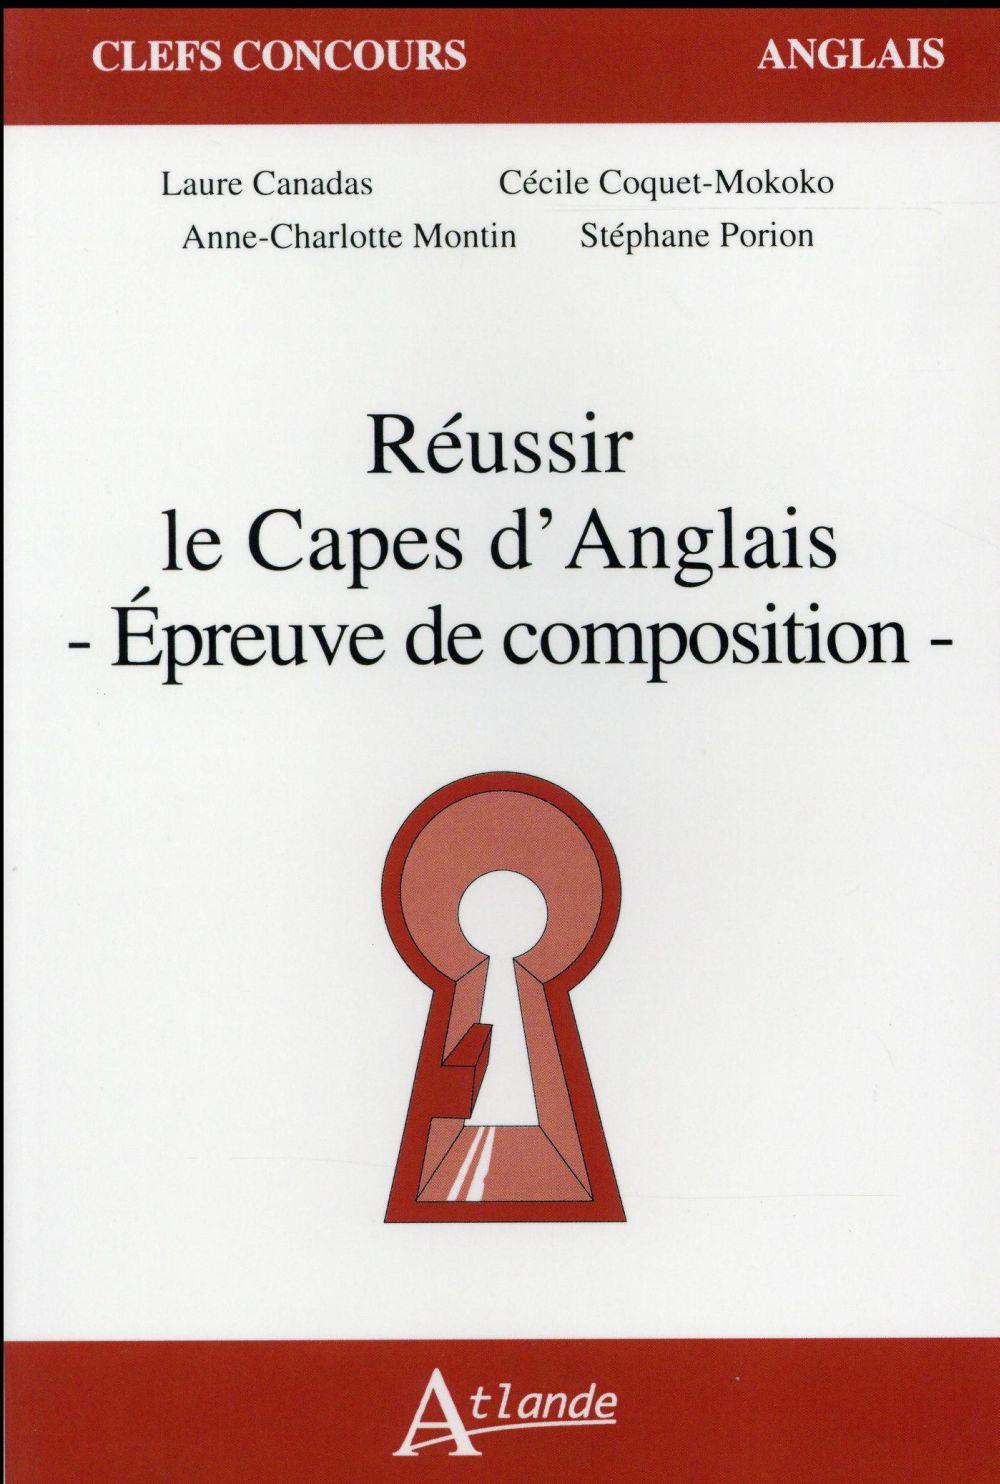 REUSSIR LE CAPES D'ANGLAIS  -  EPREUVE DE COMPOSITION